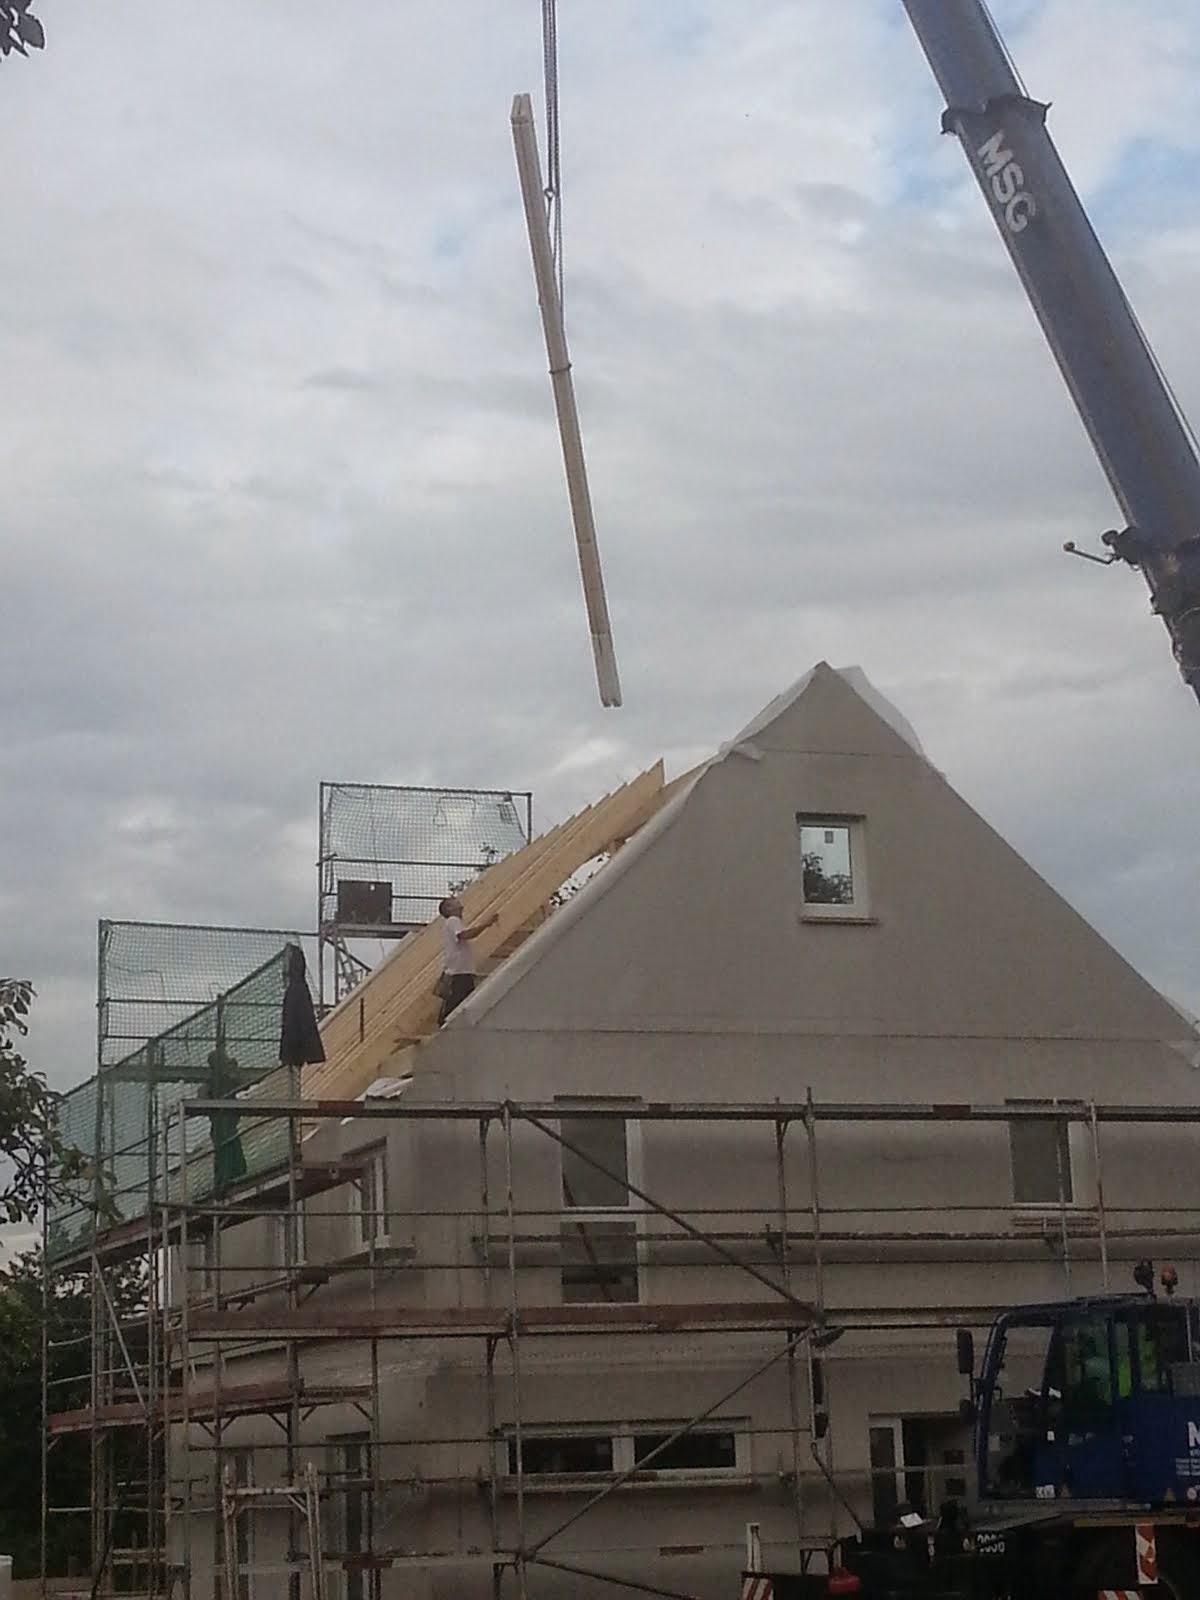 wir bauen ein okal haus dachsparren einseitig gleich fertig. Black Bedroom Furniture Sets. Home Design Ideas